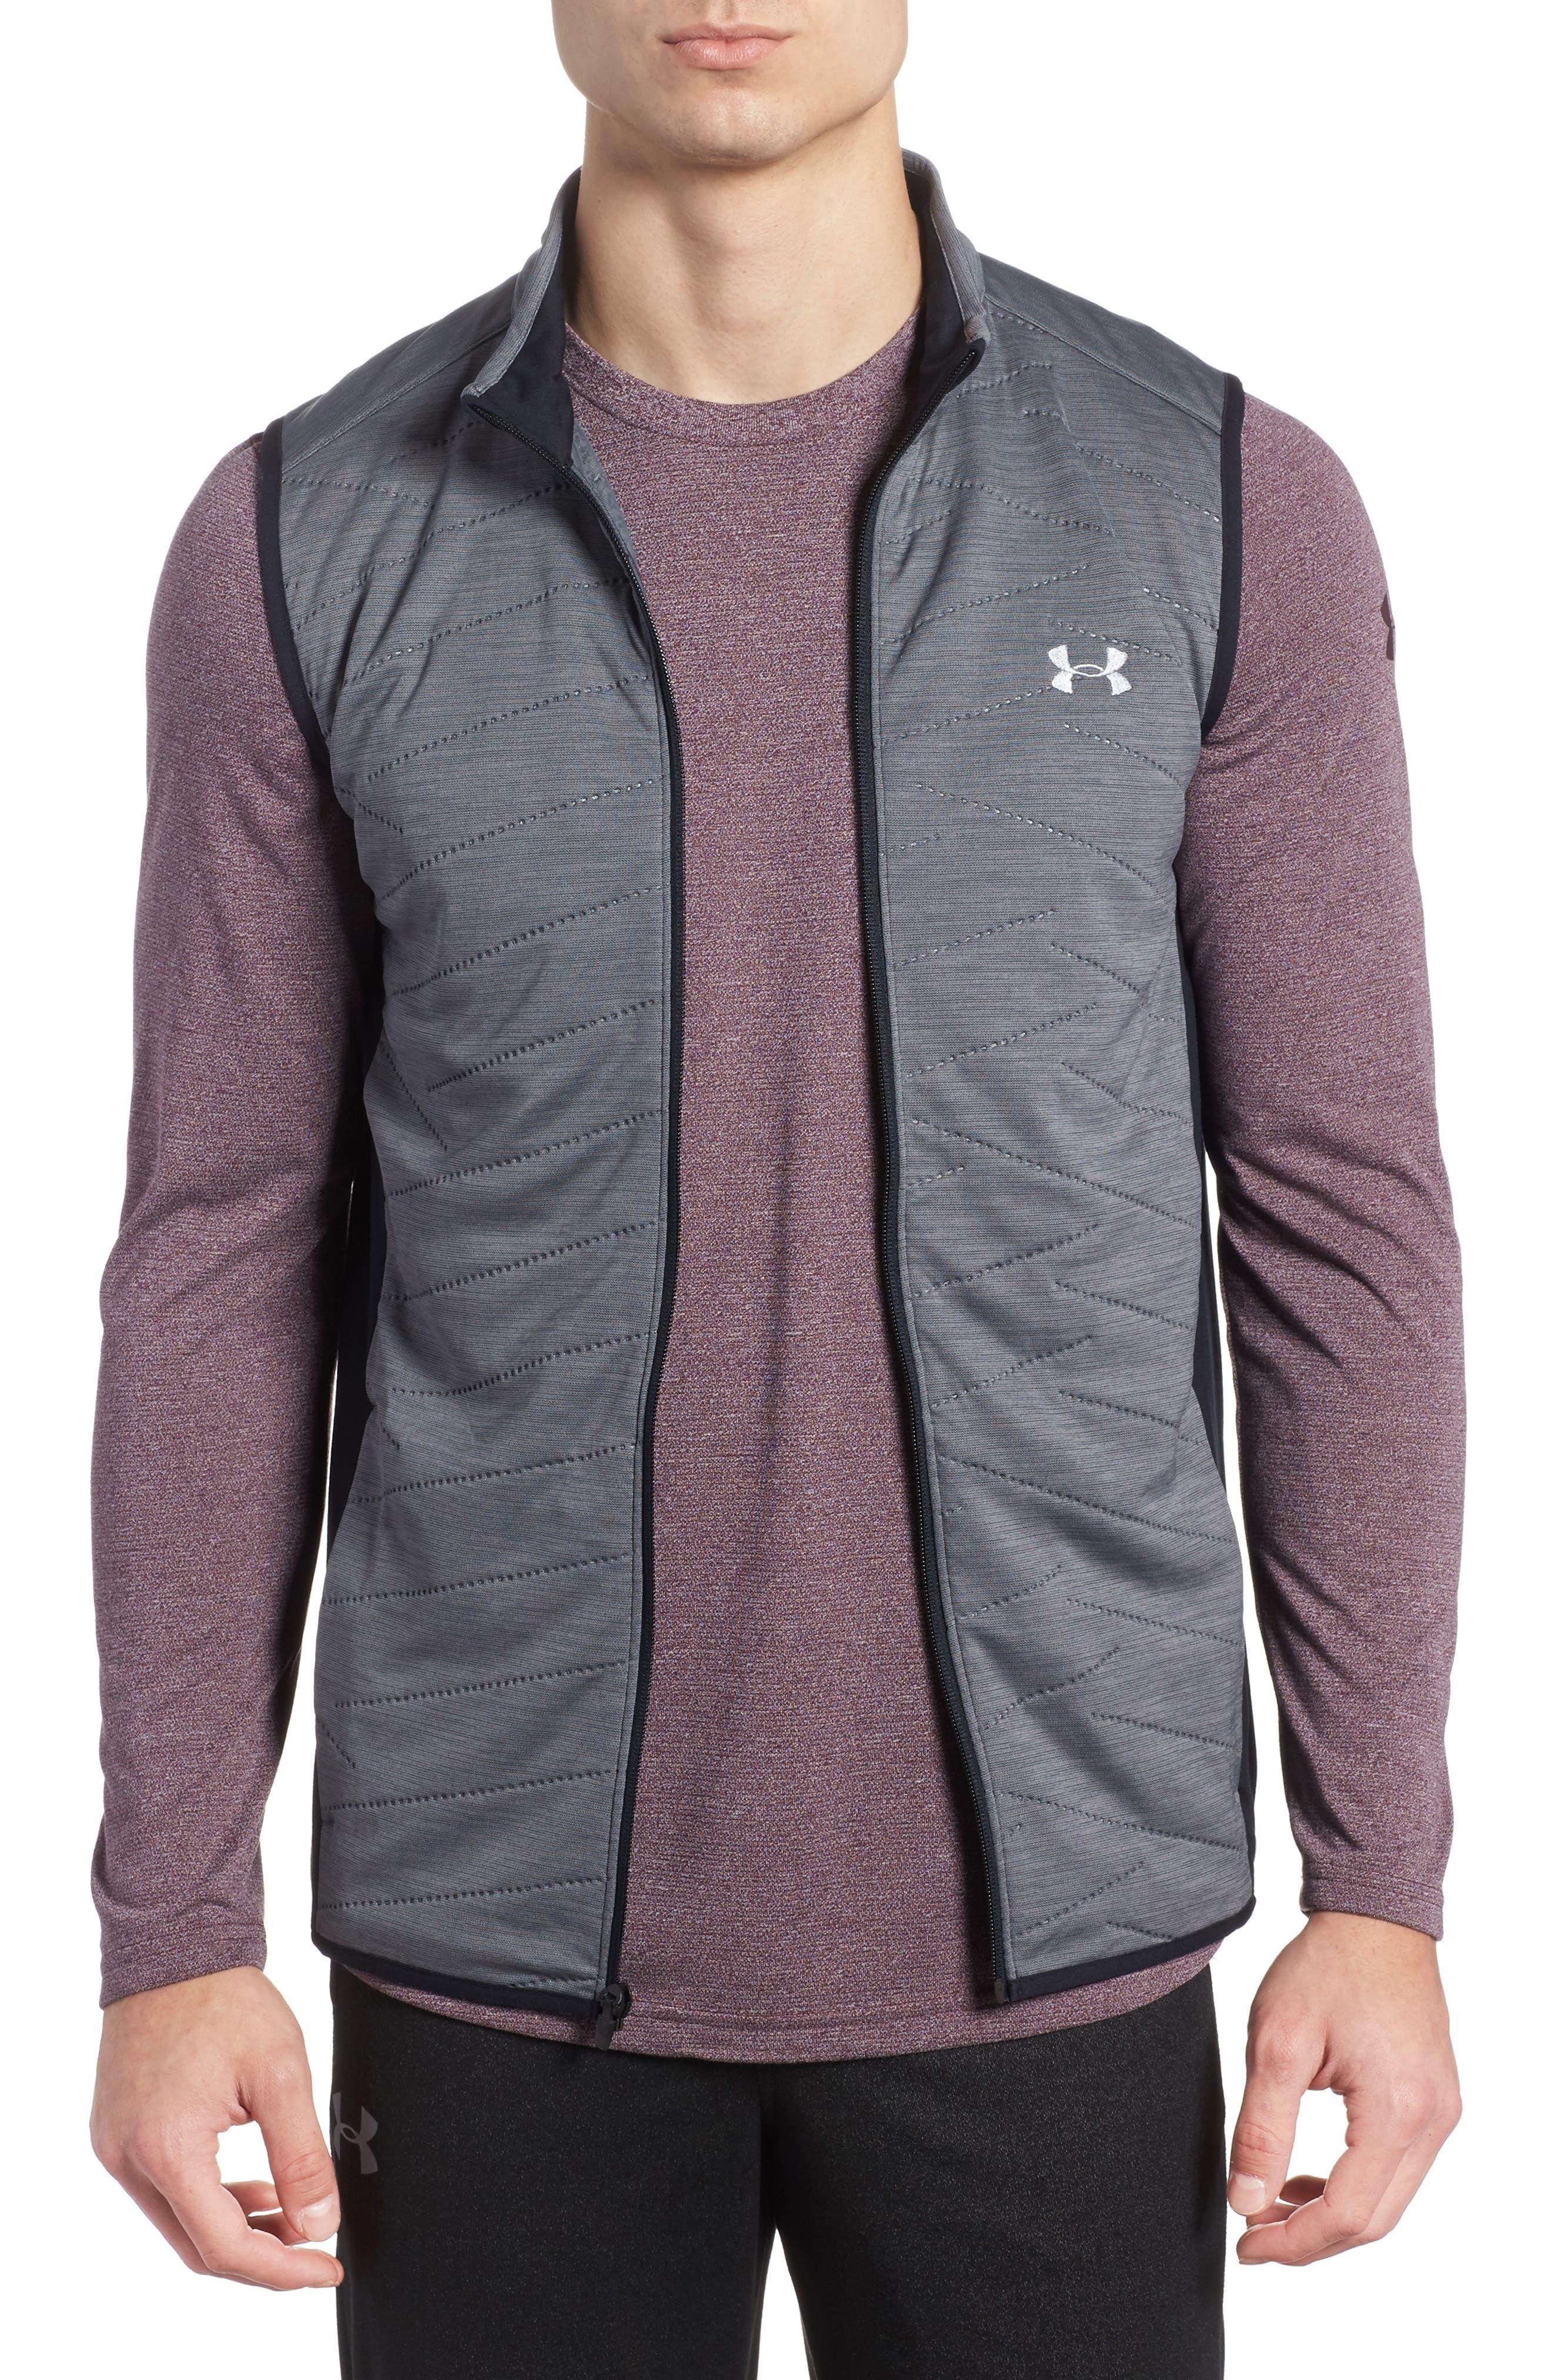 Reactor Hybrid Zip Vest,                         Main,                         color, Rhino Grey / Black / Grey